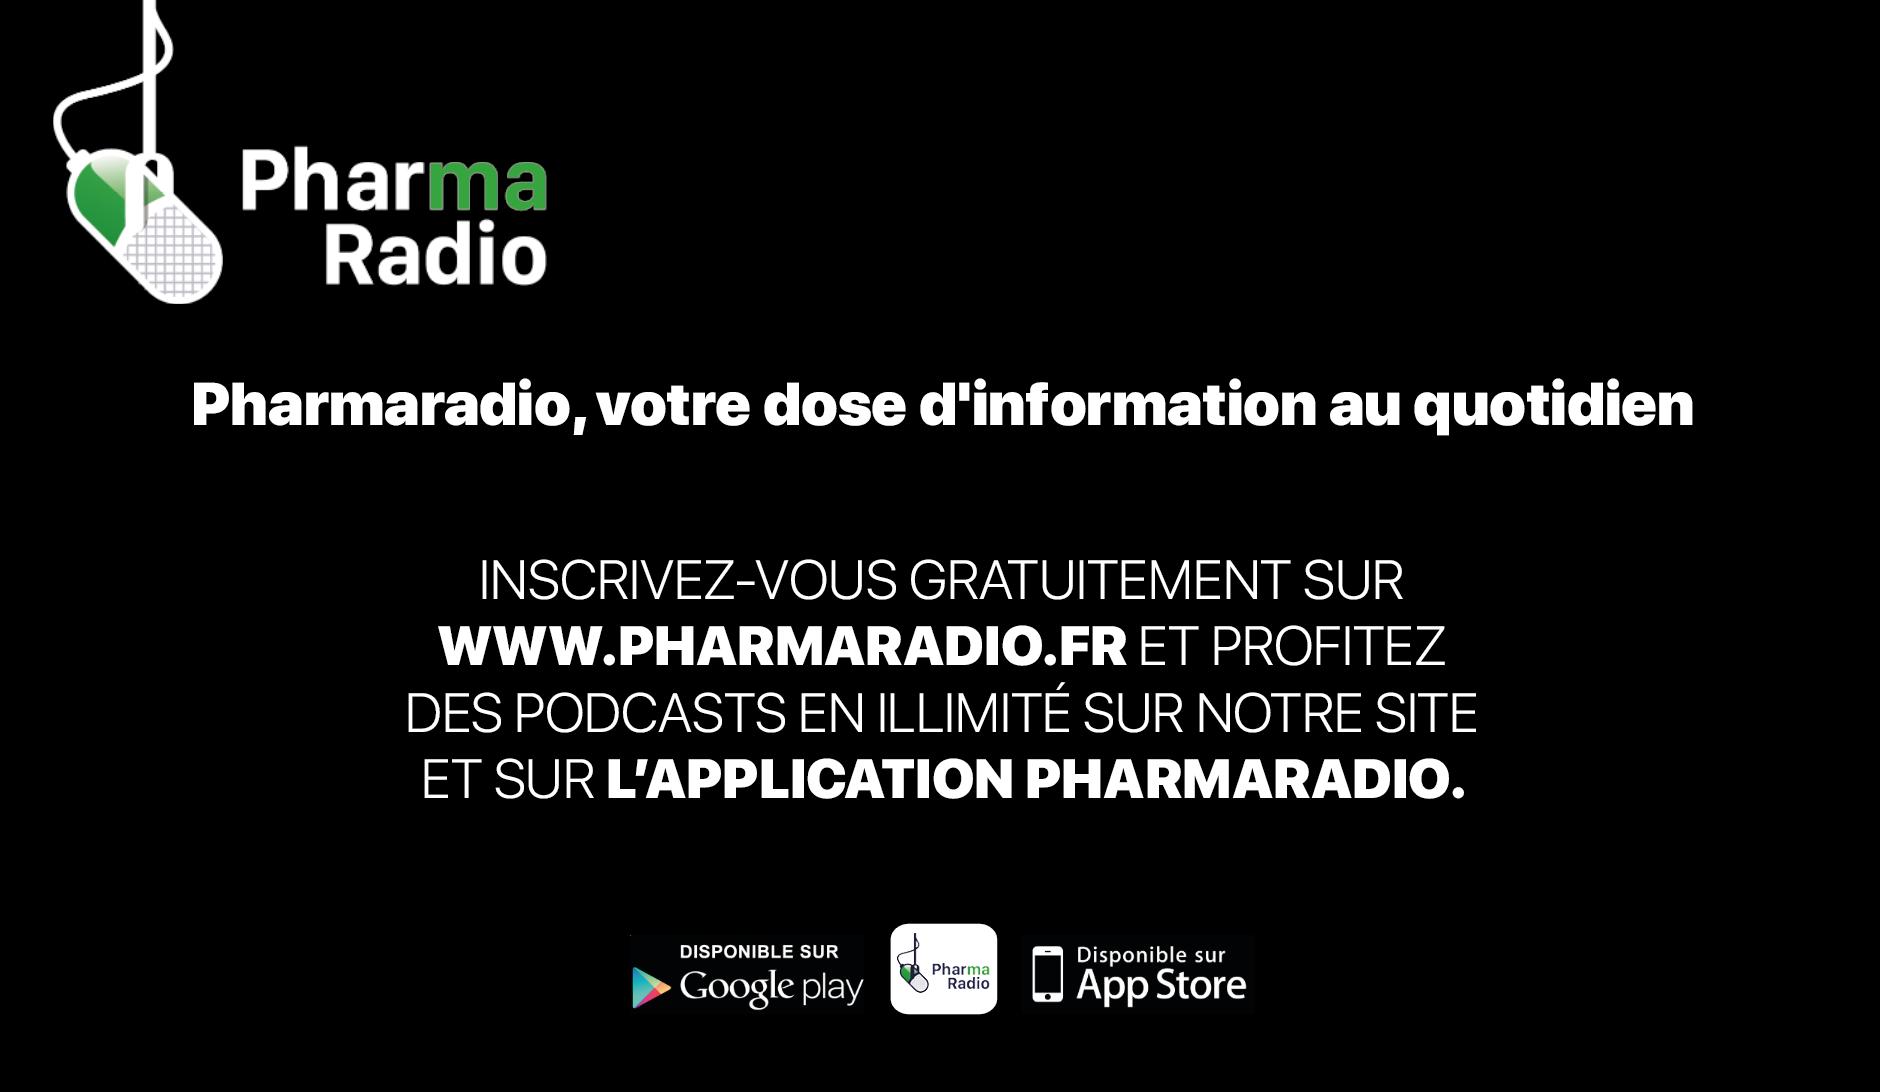 pharmaradio slider